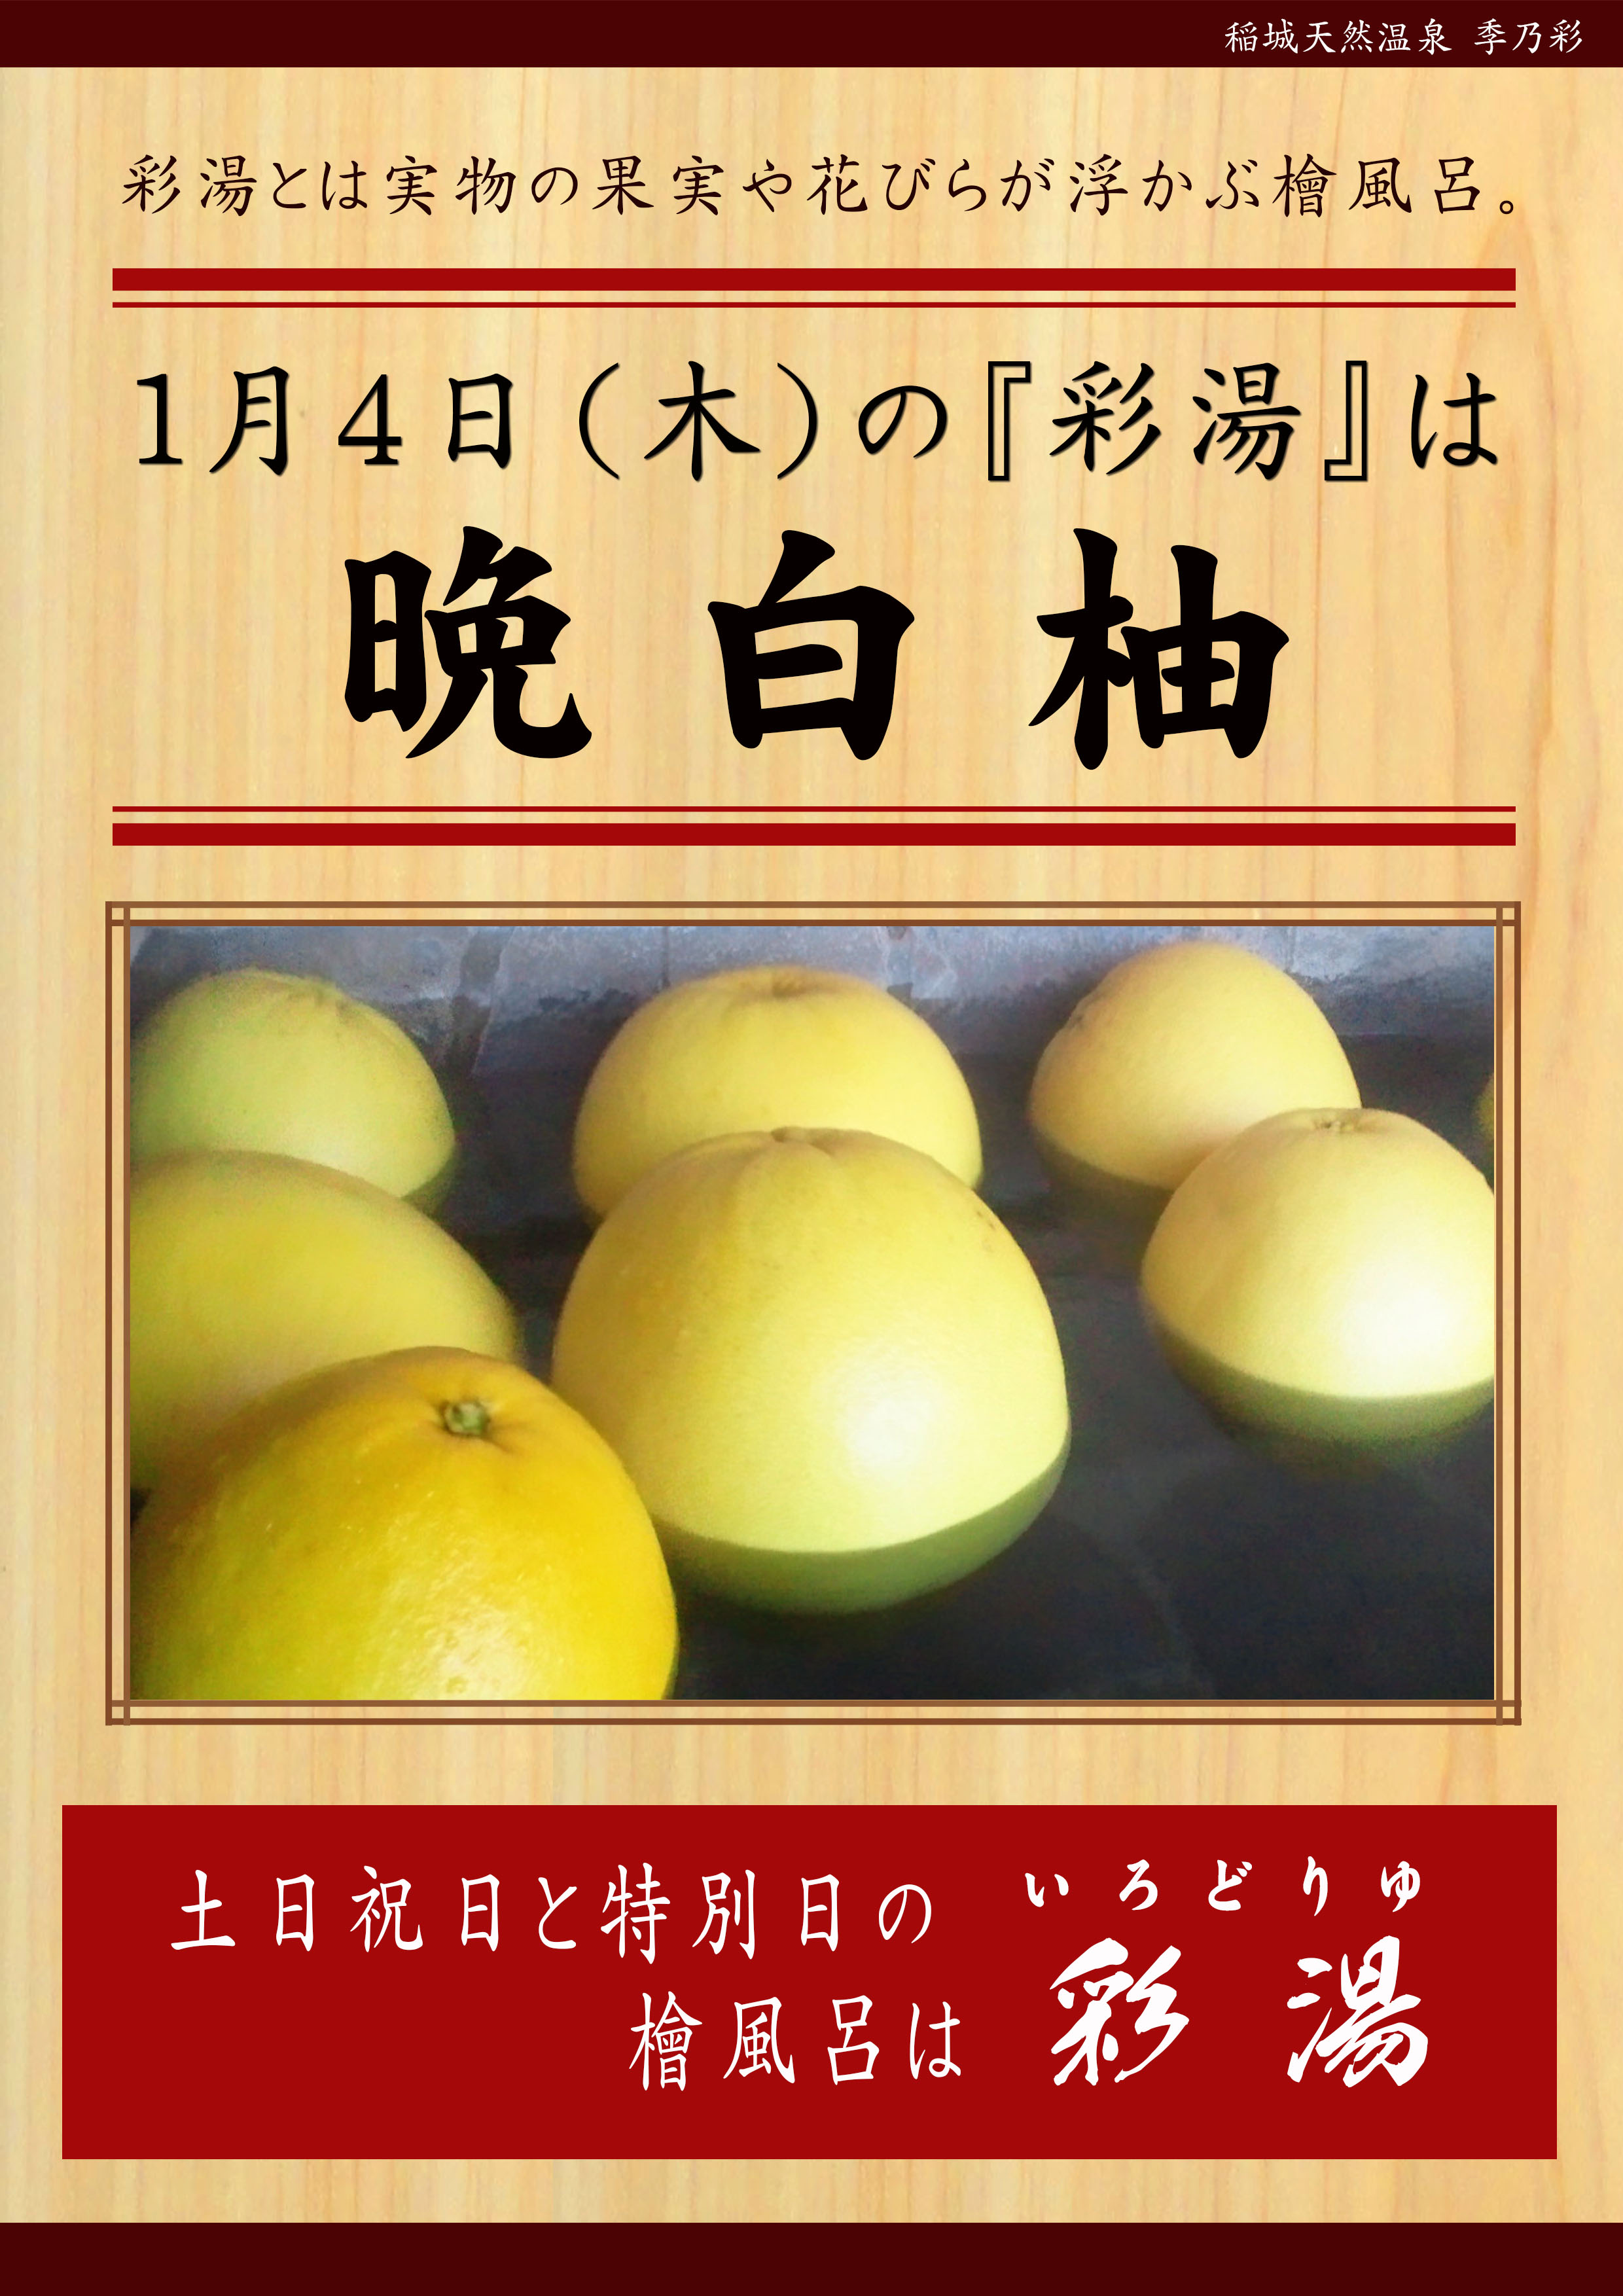 20180104POP イベント 彩湯 晩白柚